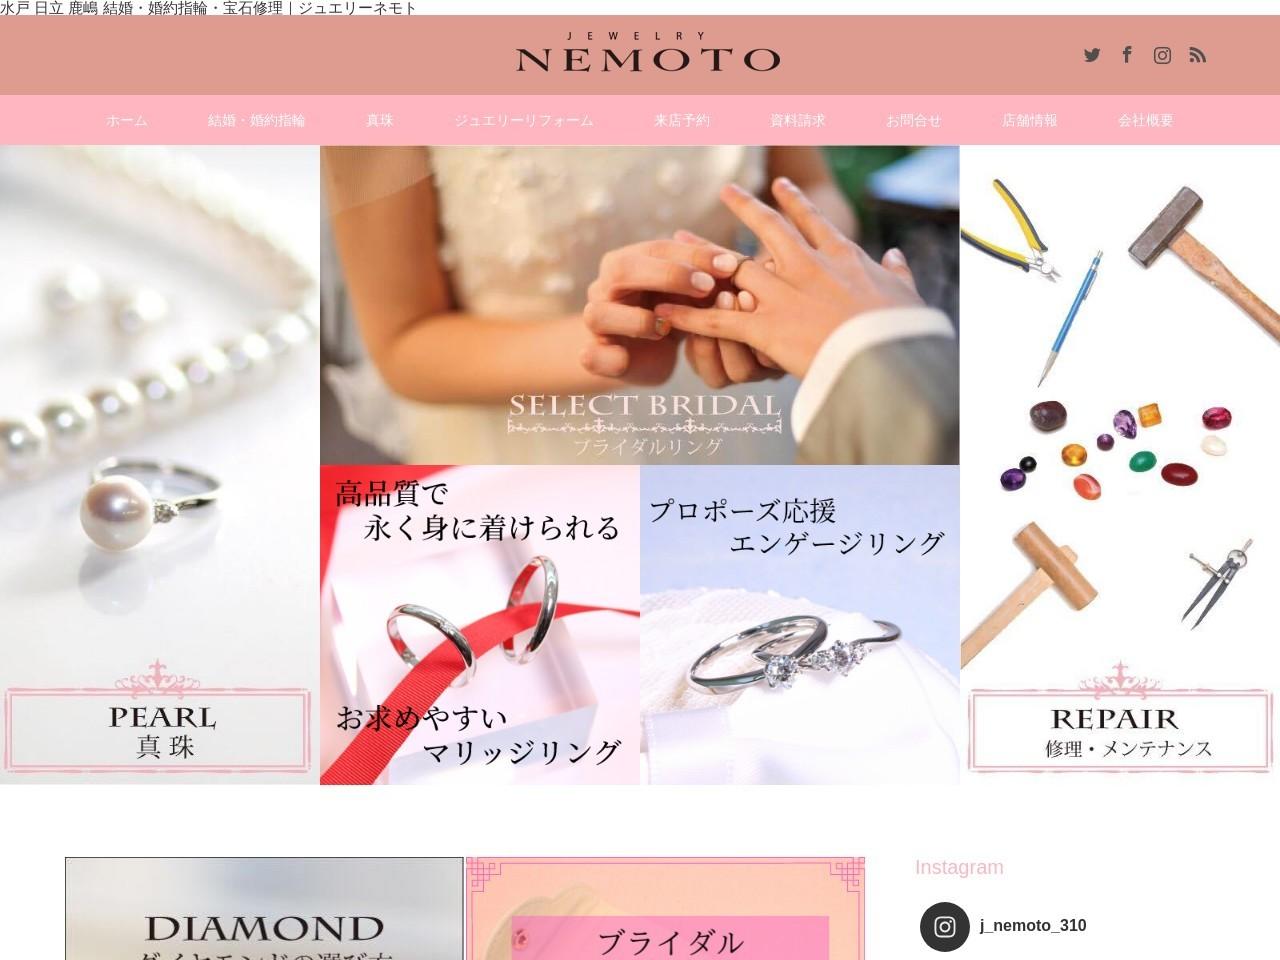 水戸 日立 鹿嶋 結婚指輪・婚約指輪|ジュエリーネモト